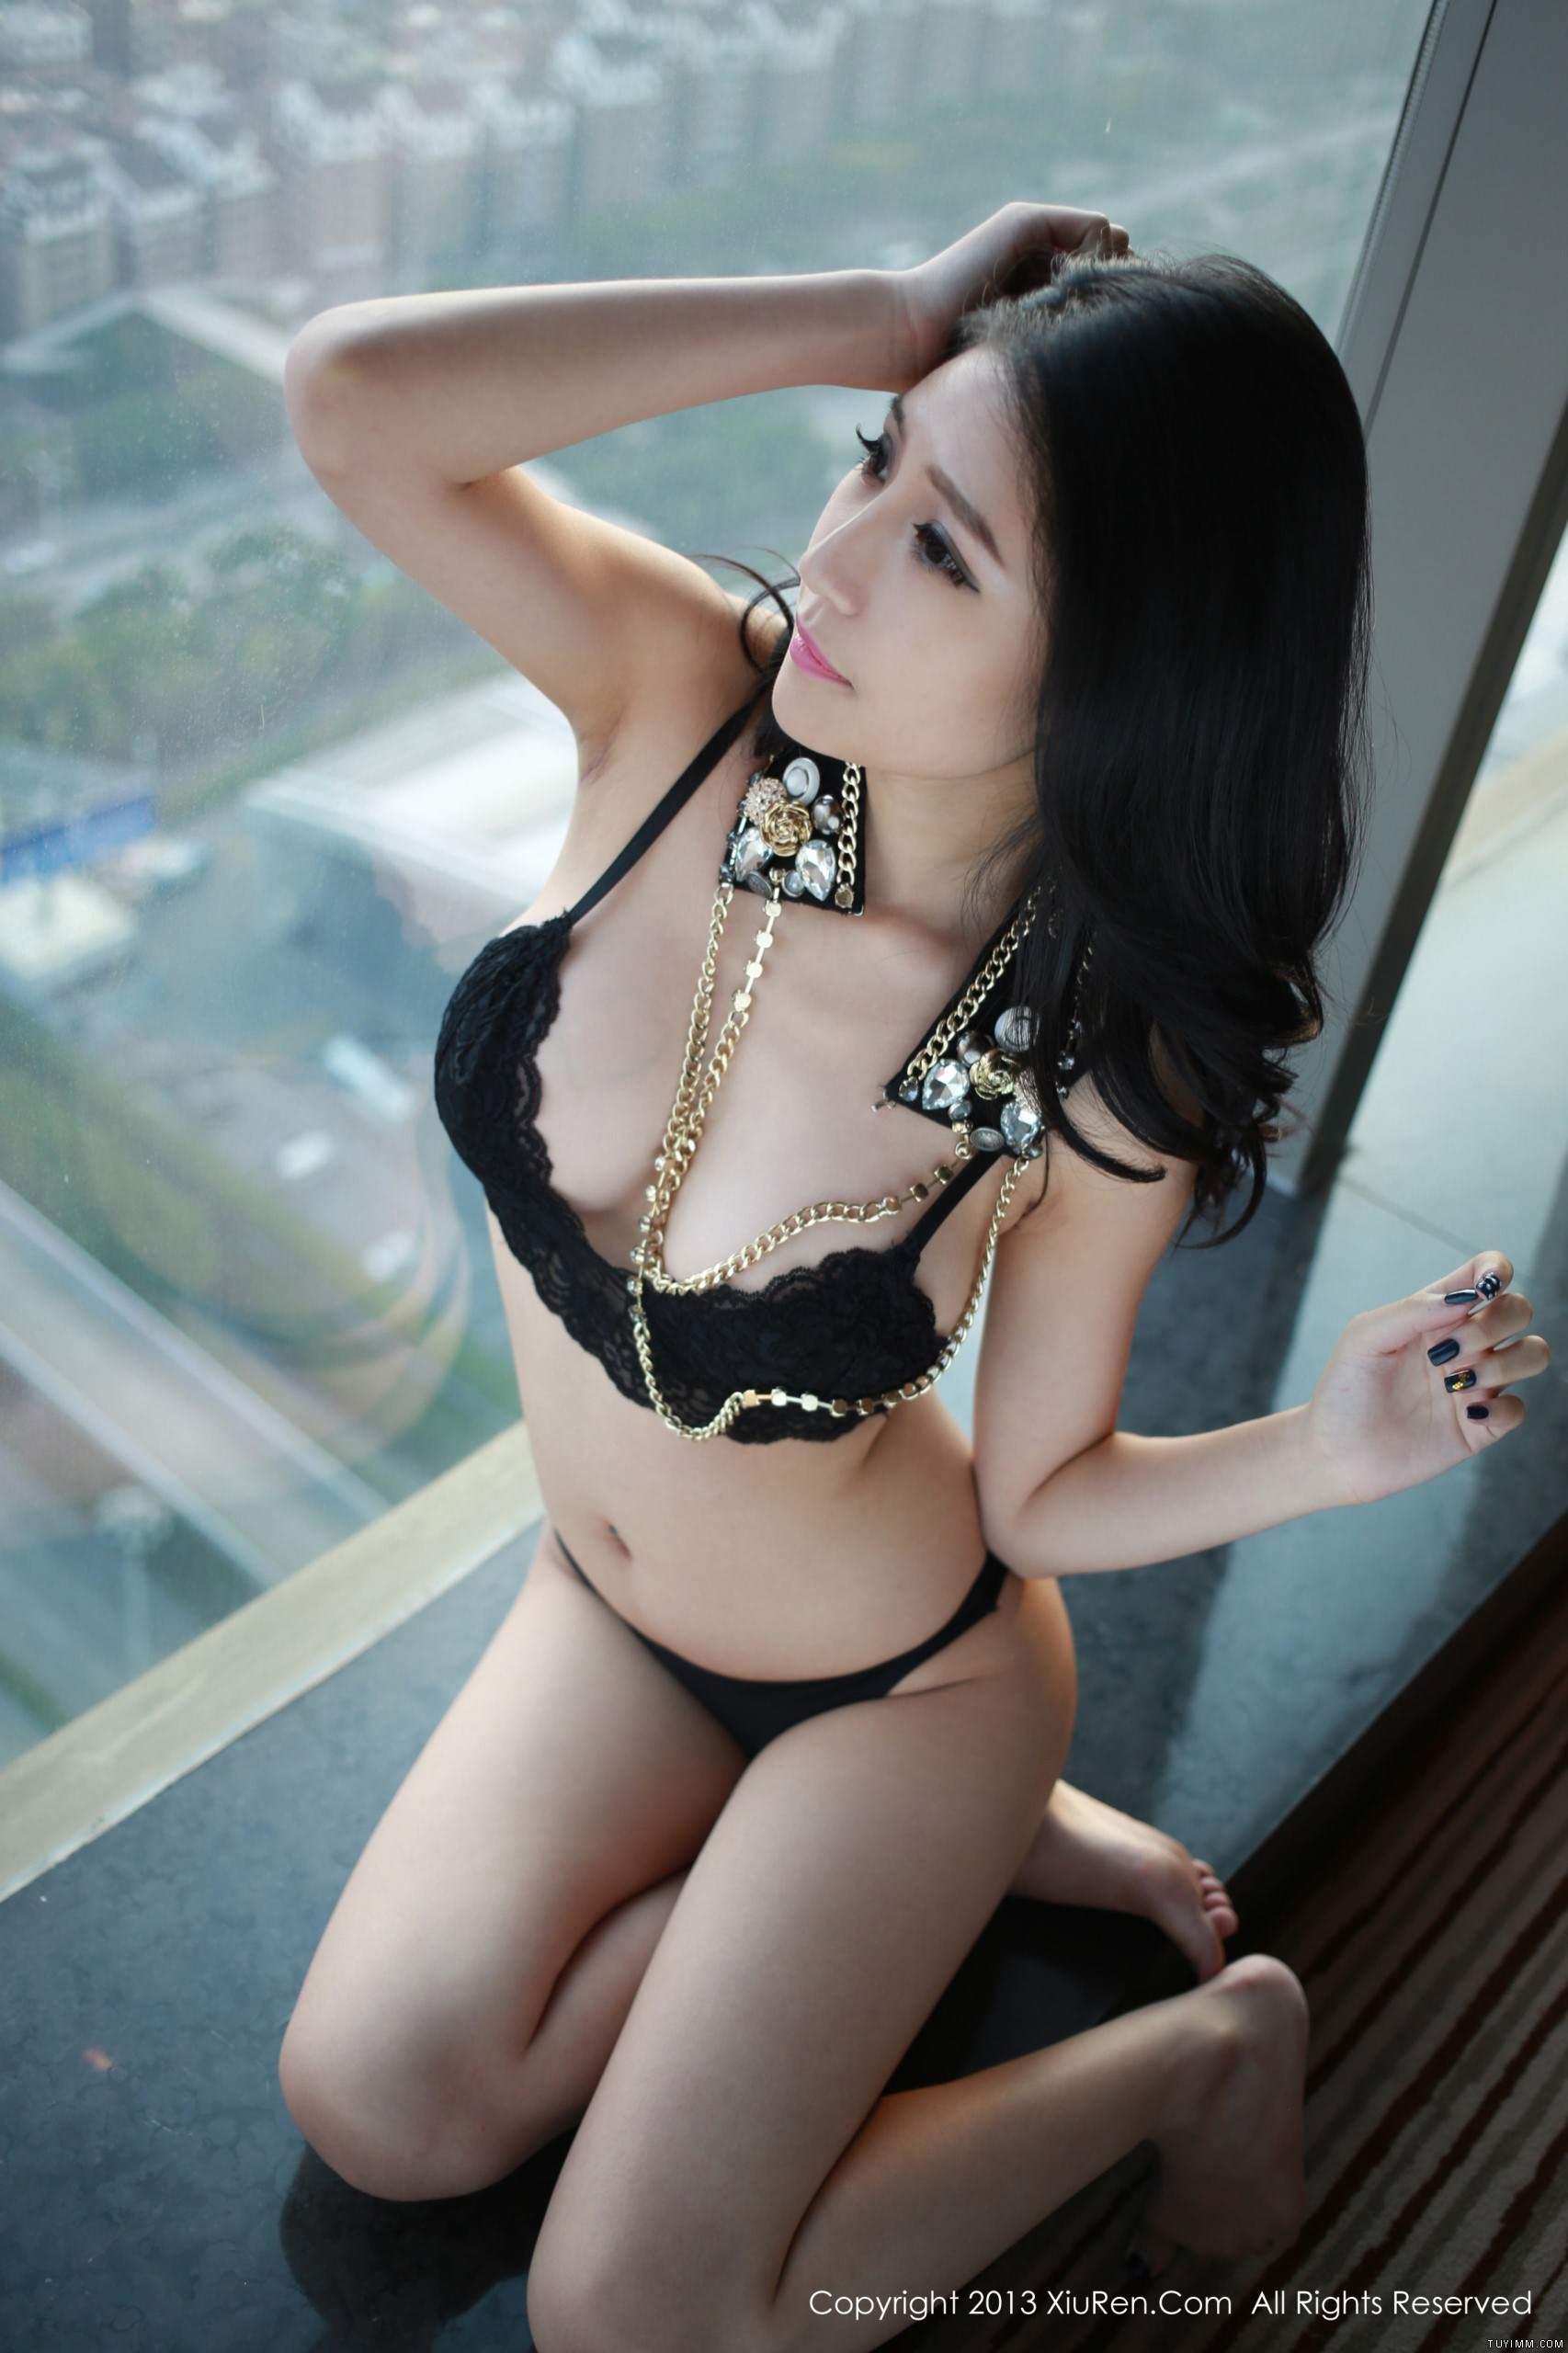 [福利]廊坊模特合集の小刀娱乐网-第17张图片-哔哔娱乐网